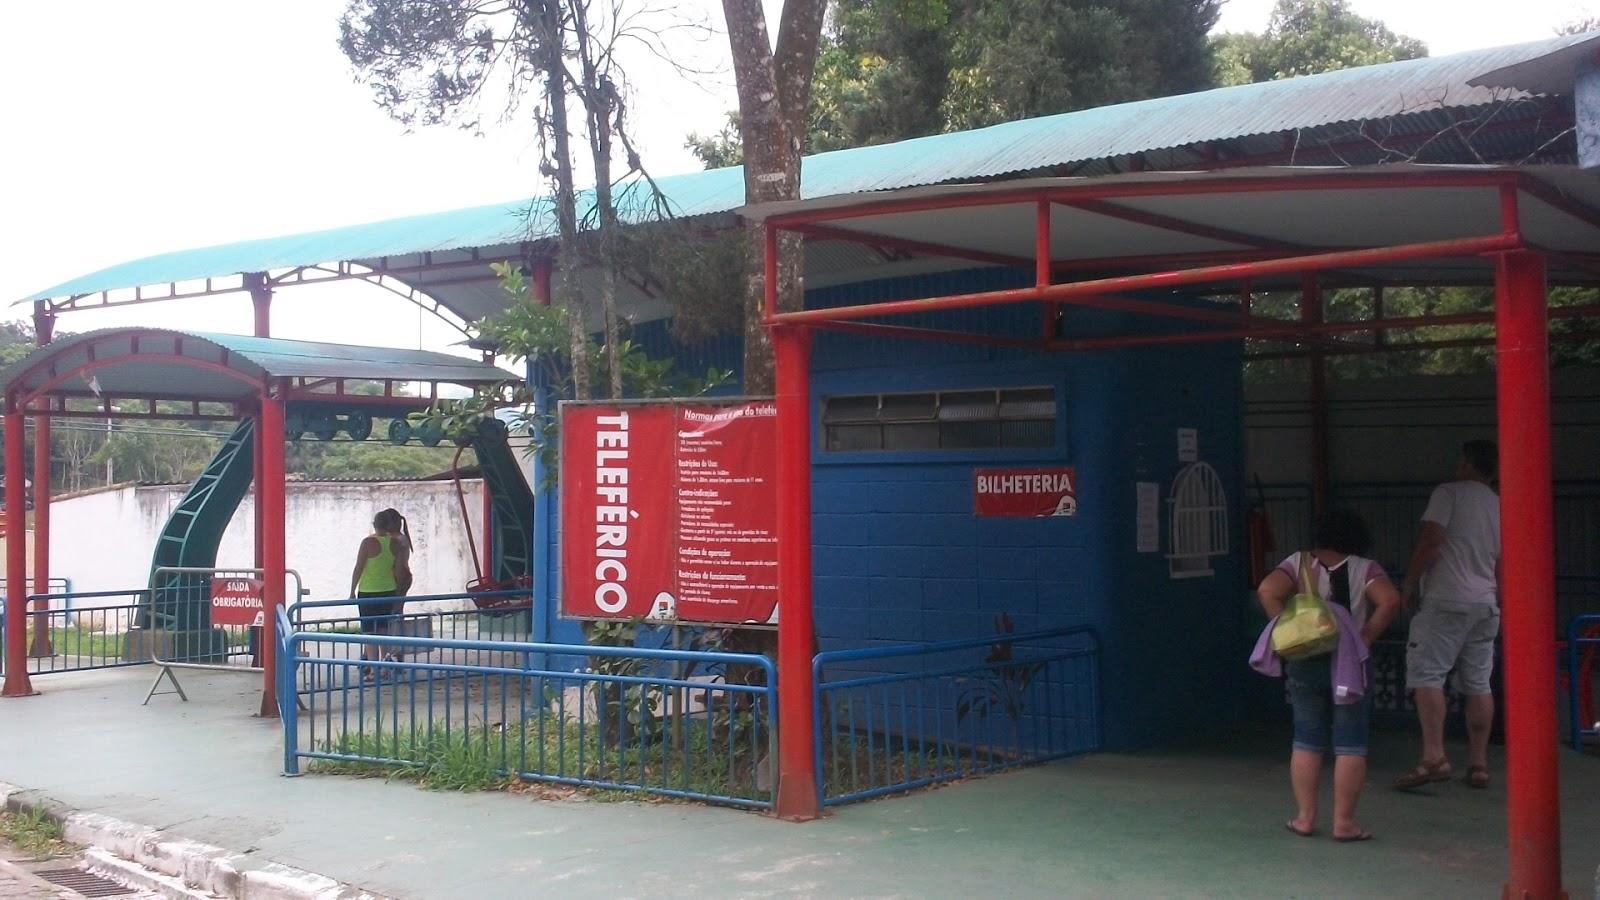 : Brasil São Bernardo do Campo Parque Estoril 18km #9F2C33 1600x900